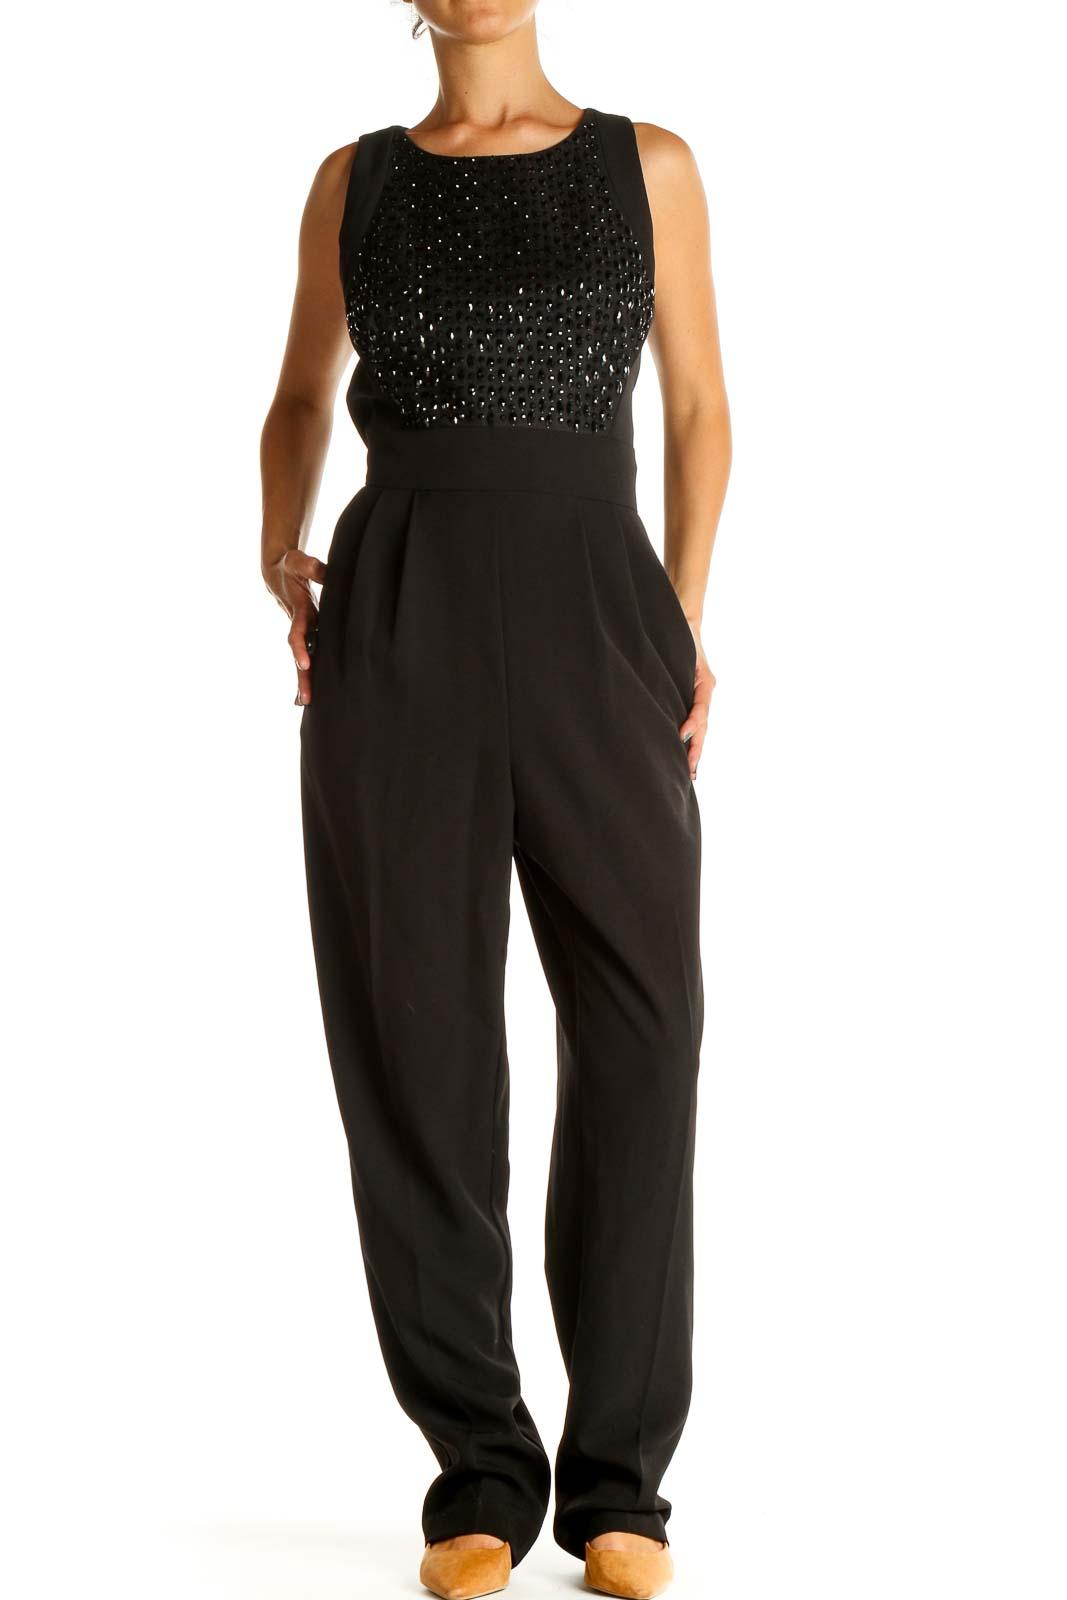 Black Sequin Jumpsuit Front